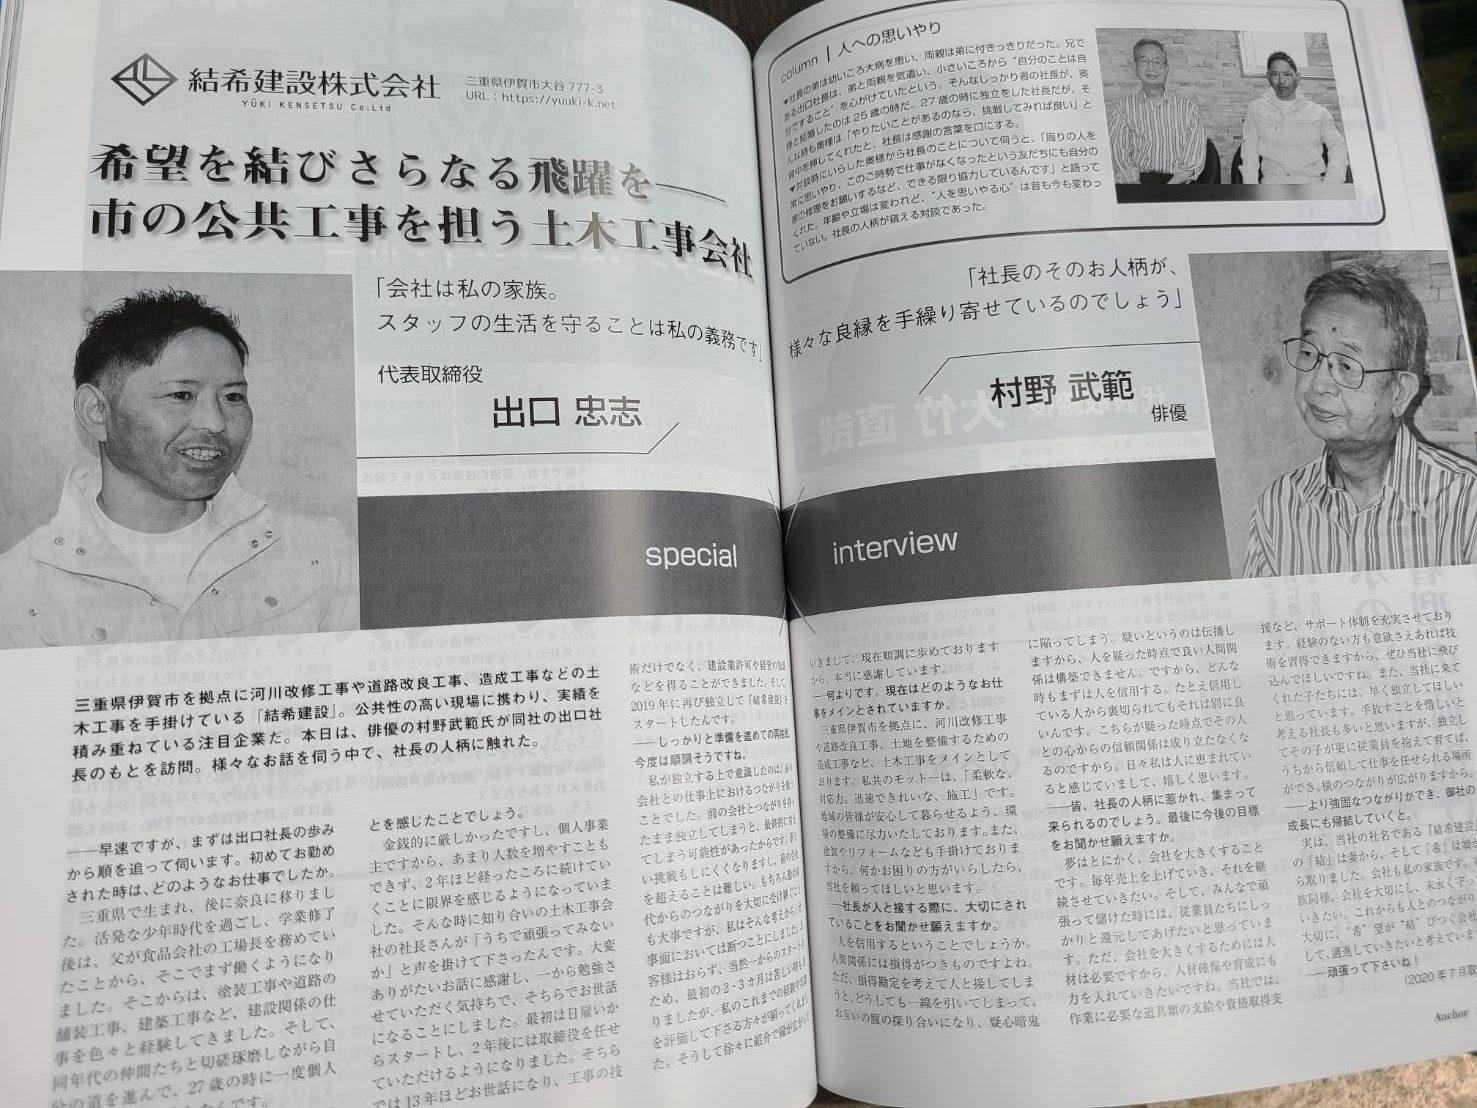 雑誌Anchorに弊社社長のインタビューが掲載されました!